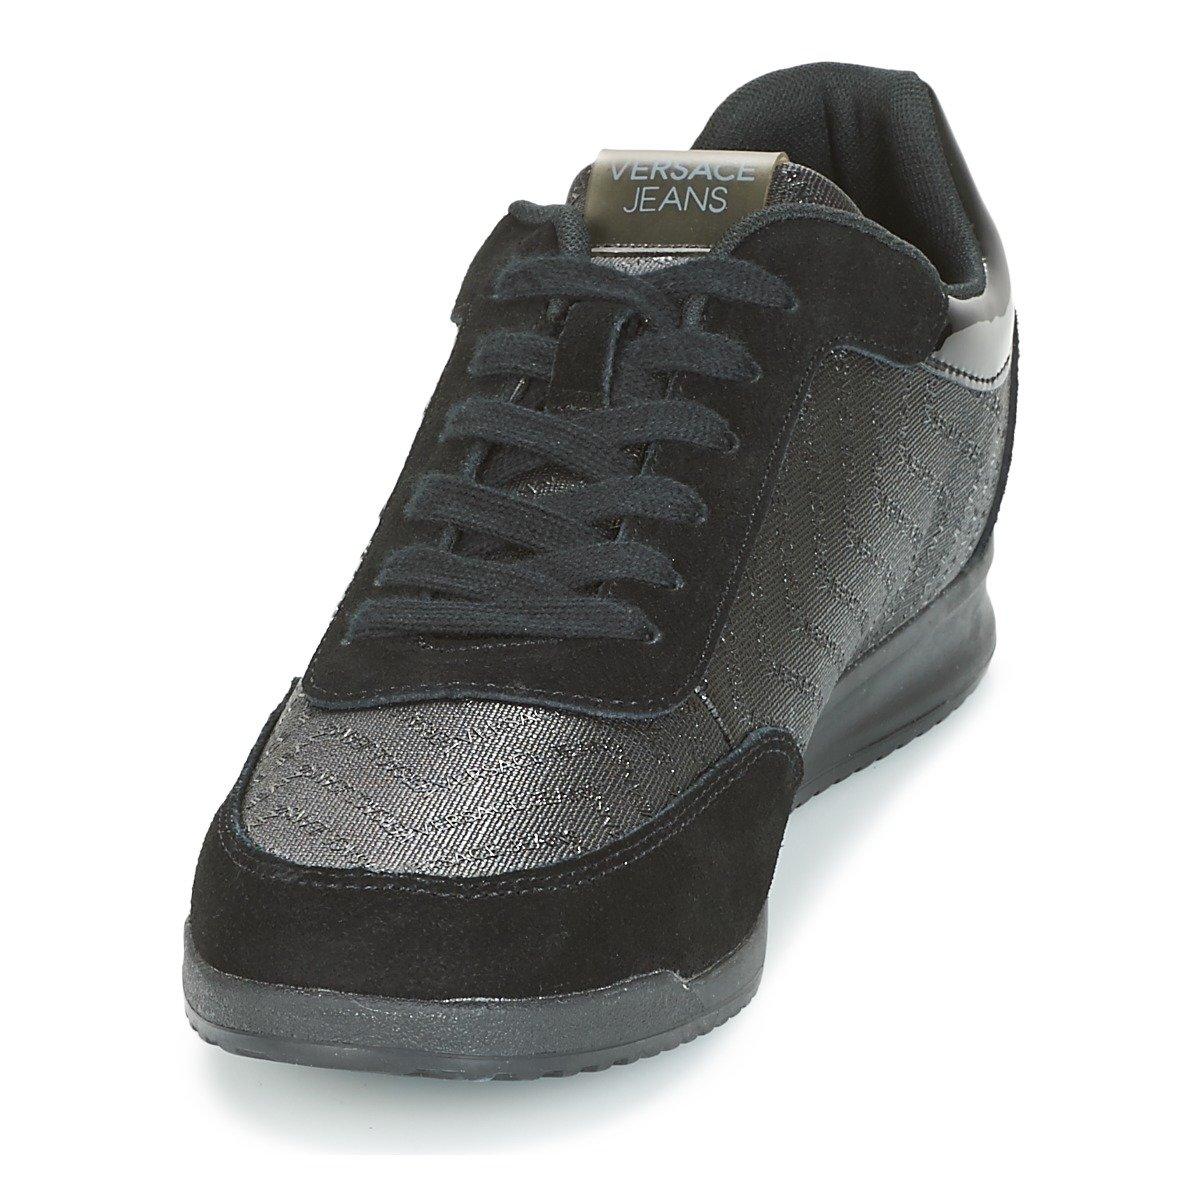 Versace Jeans Linea Fondo Marc Dis 1 Coated Chevron E0YRBSC177150899, Deportivas - 41 EU: Amazon.es: Zapatos y complementos